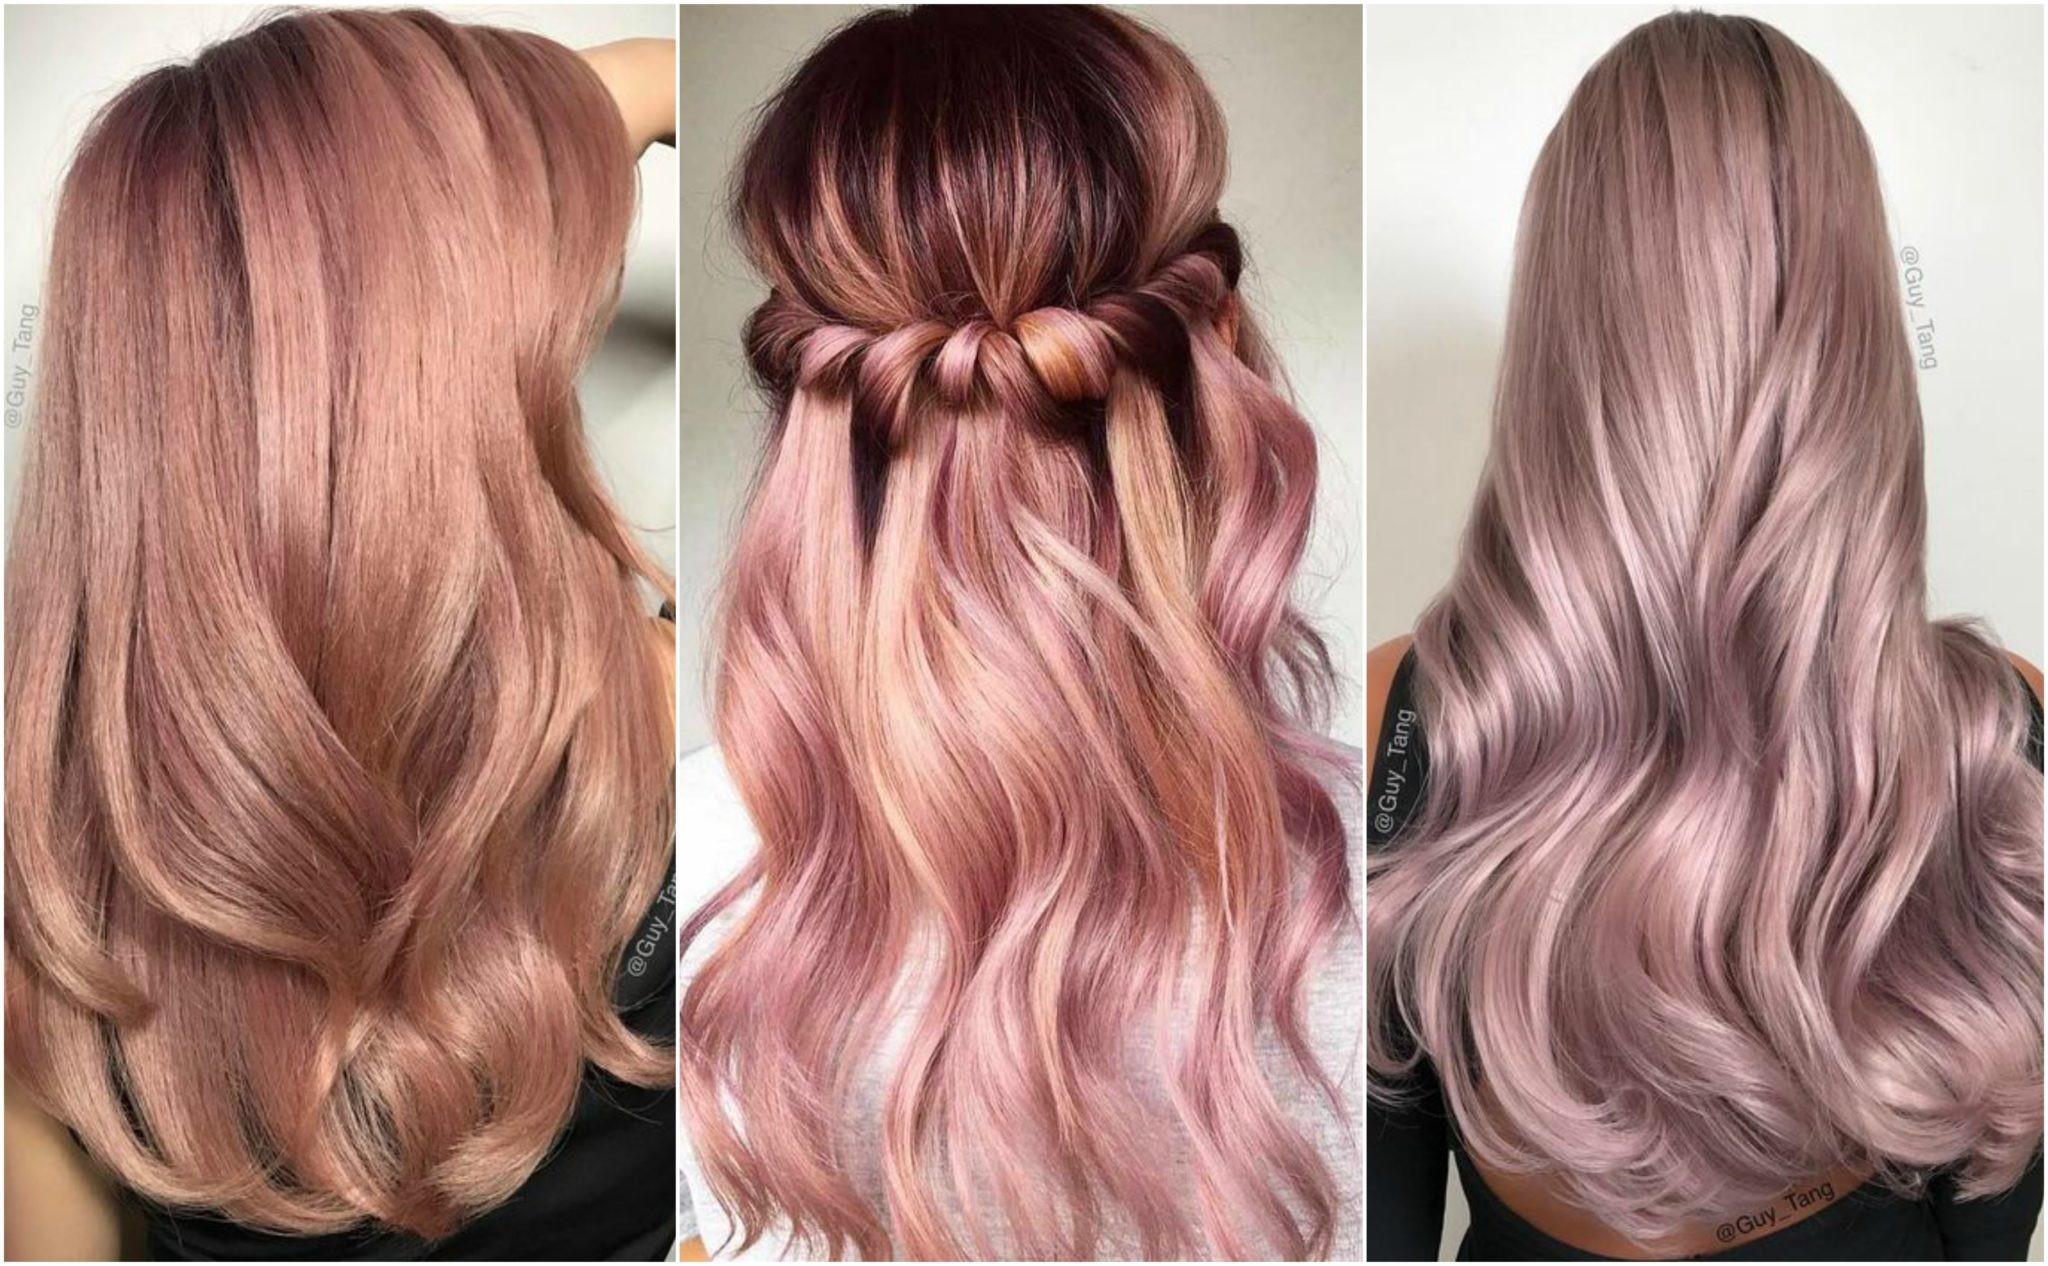 «Молодильное яблоко» - как покрасить волосы, чтобы выглядеть моложе?